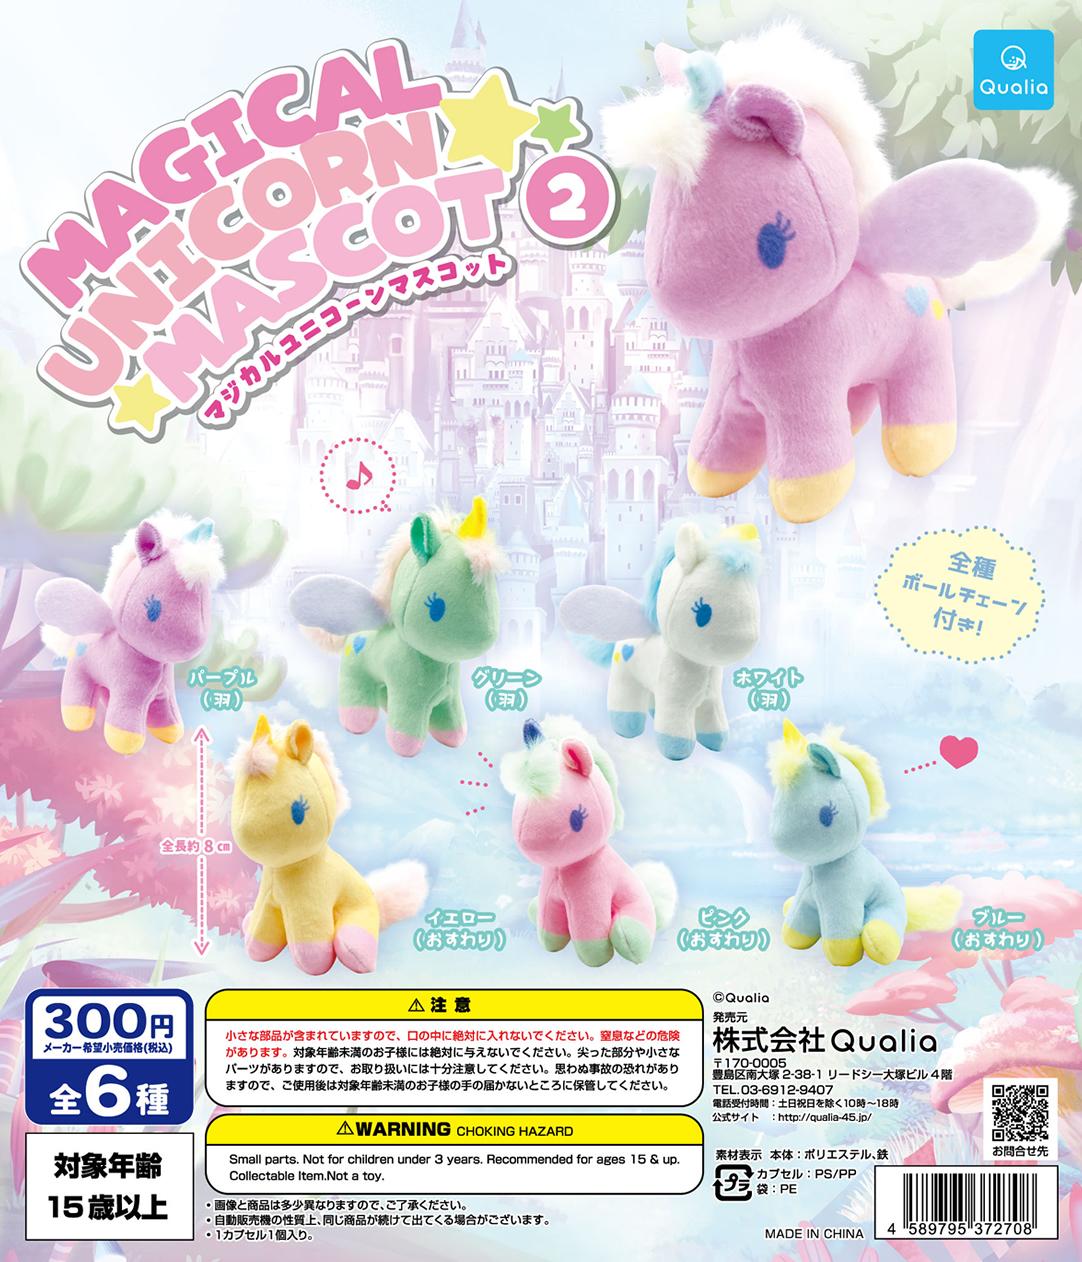 MAGICAL UNICORN MASCOT 2 マジカル ユニコーン マスコット2